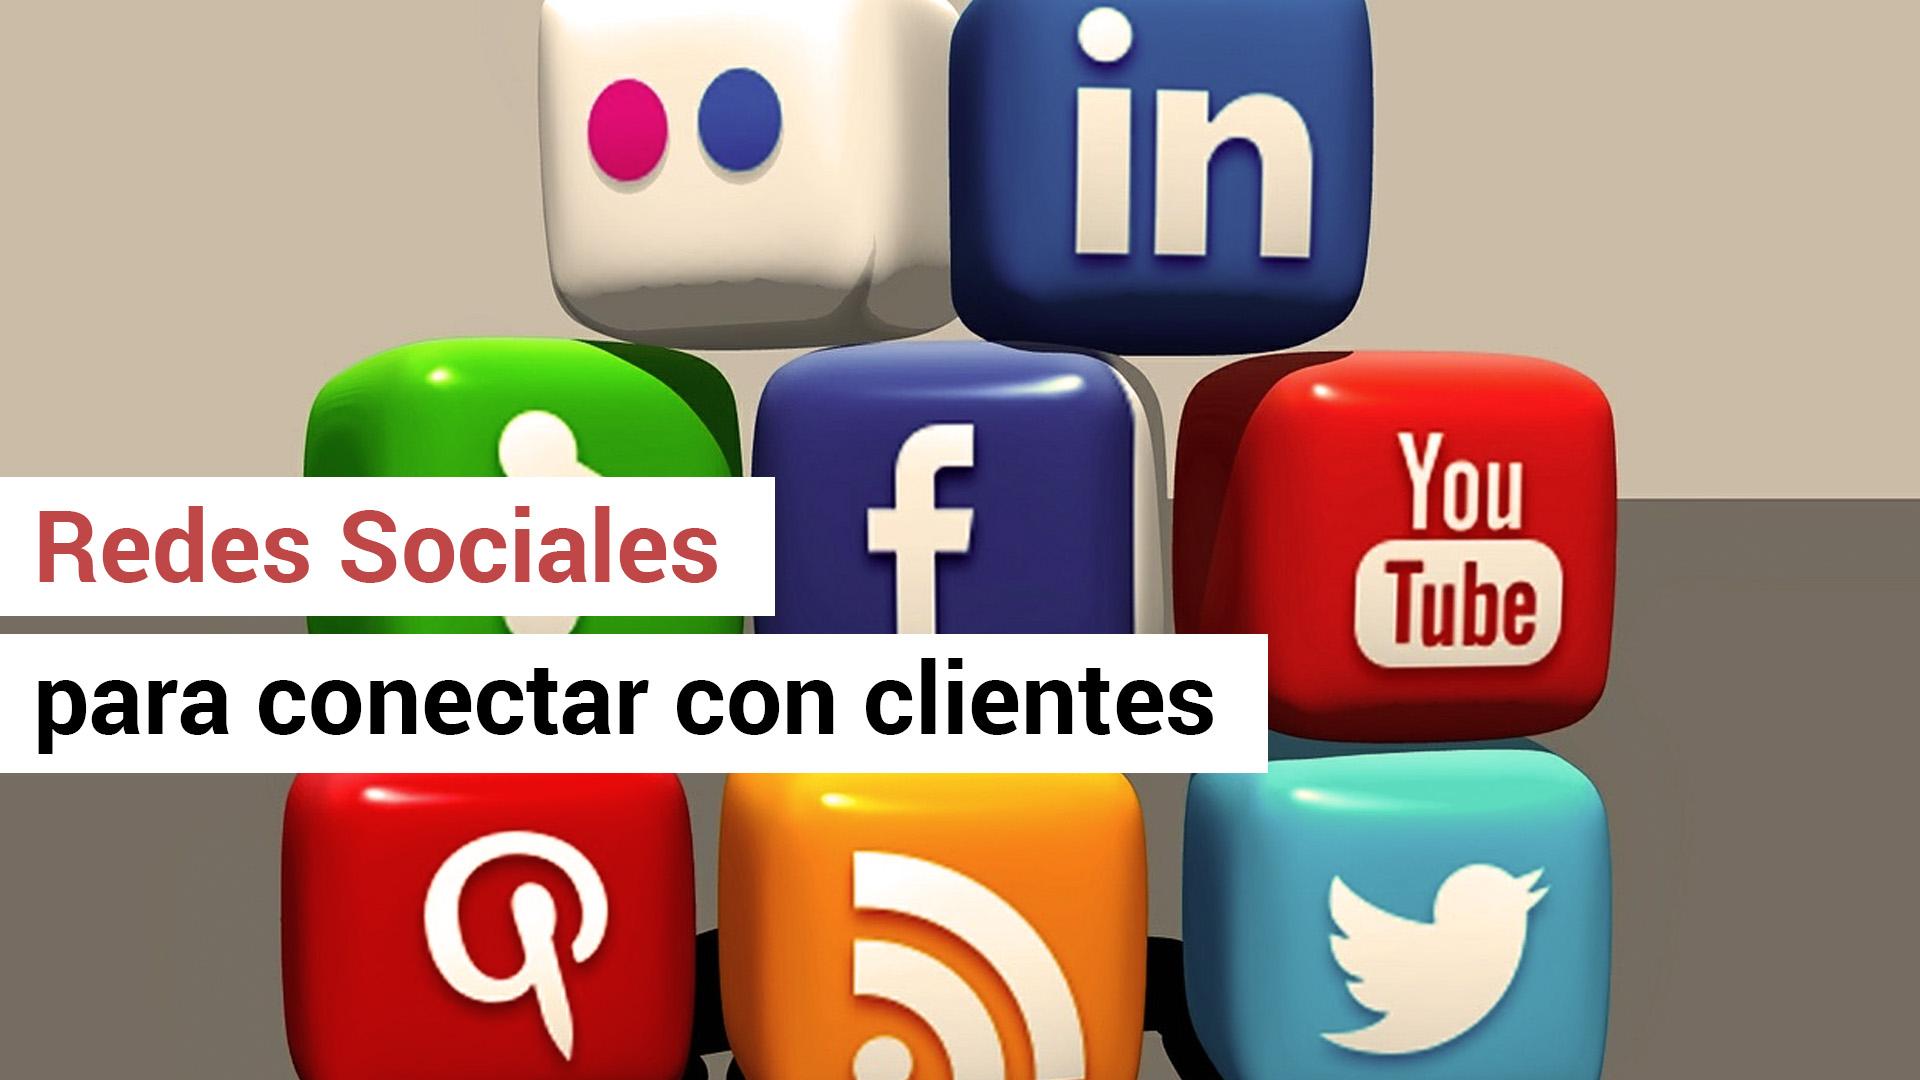 Cómo usar las Redes Sociales para conectar con clientes